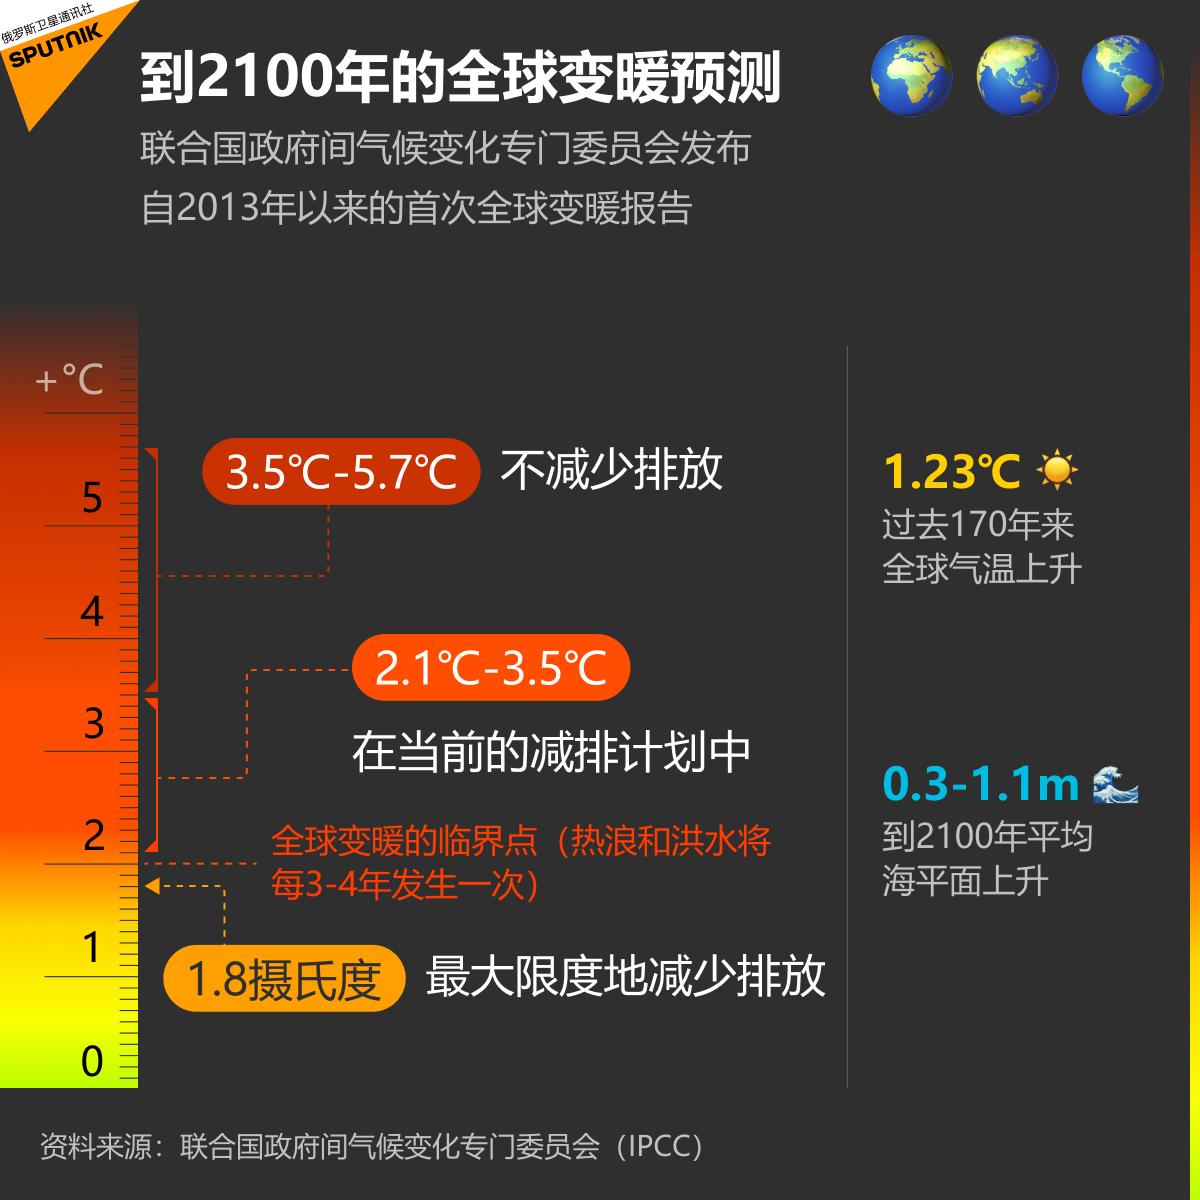 到2100年的全球变暖预测